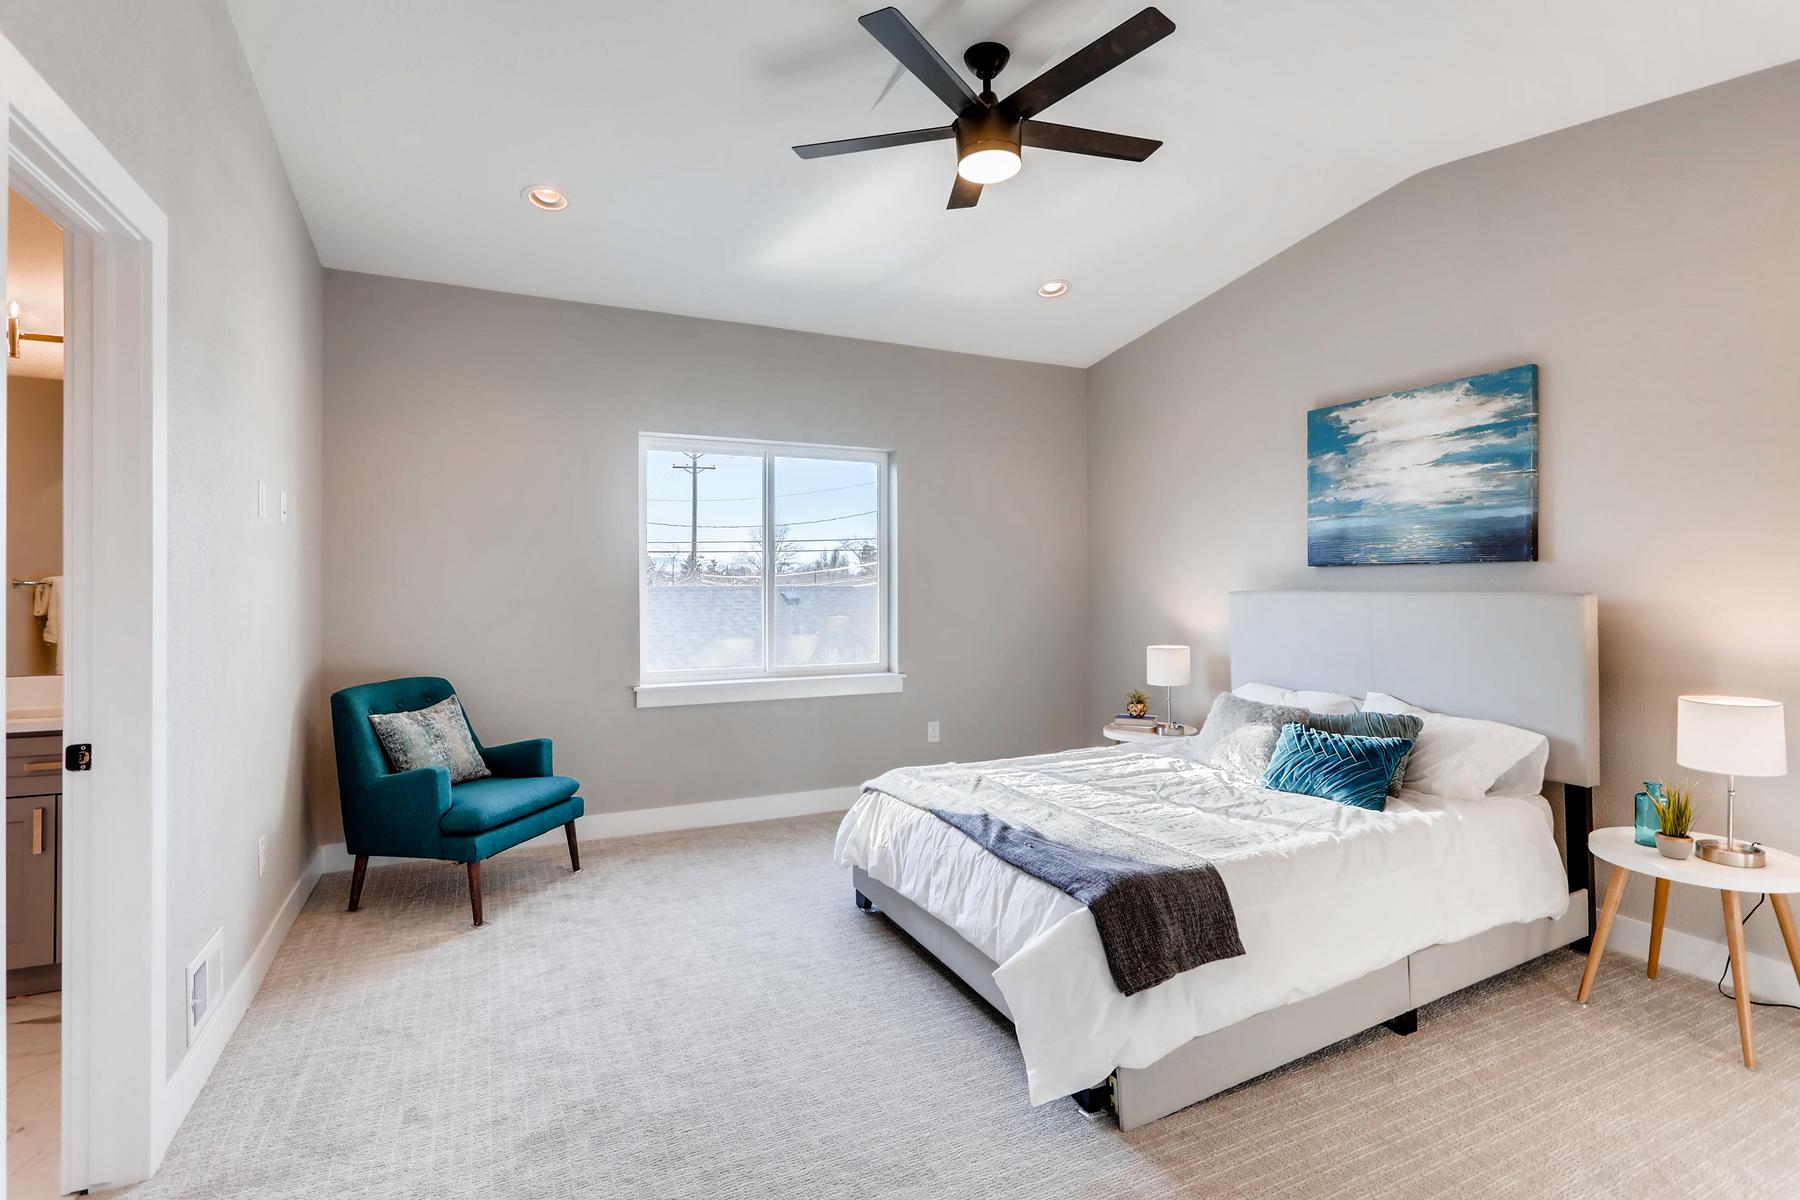 3105 S Cherokee St Englewood-017-13-2nd Floor Master Bedroom-MLS_Size.jpg